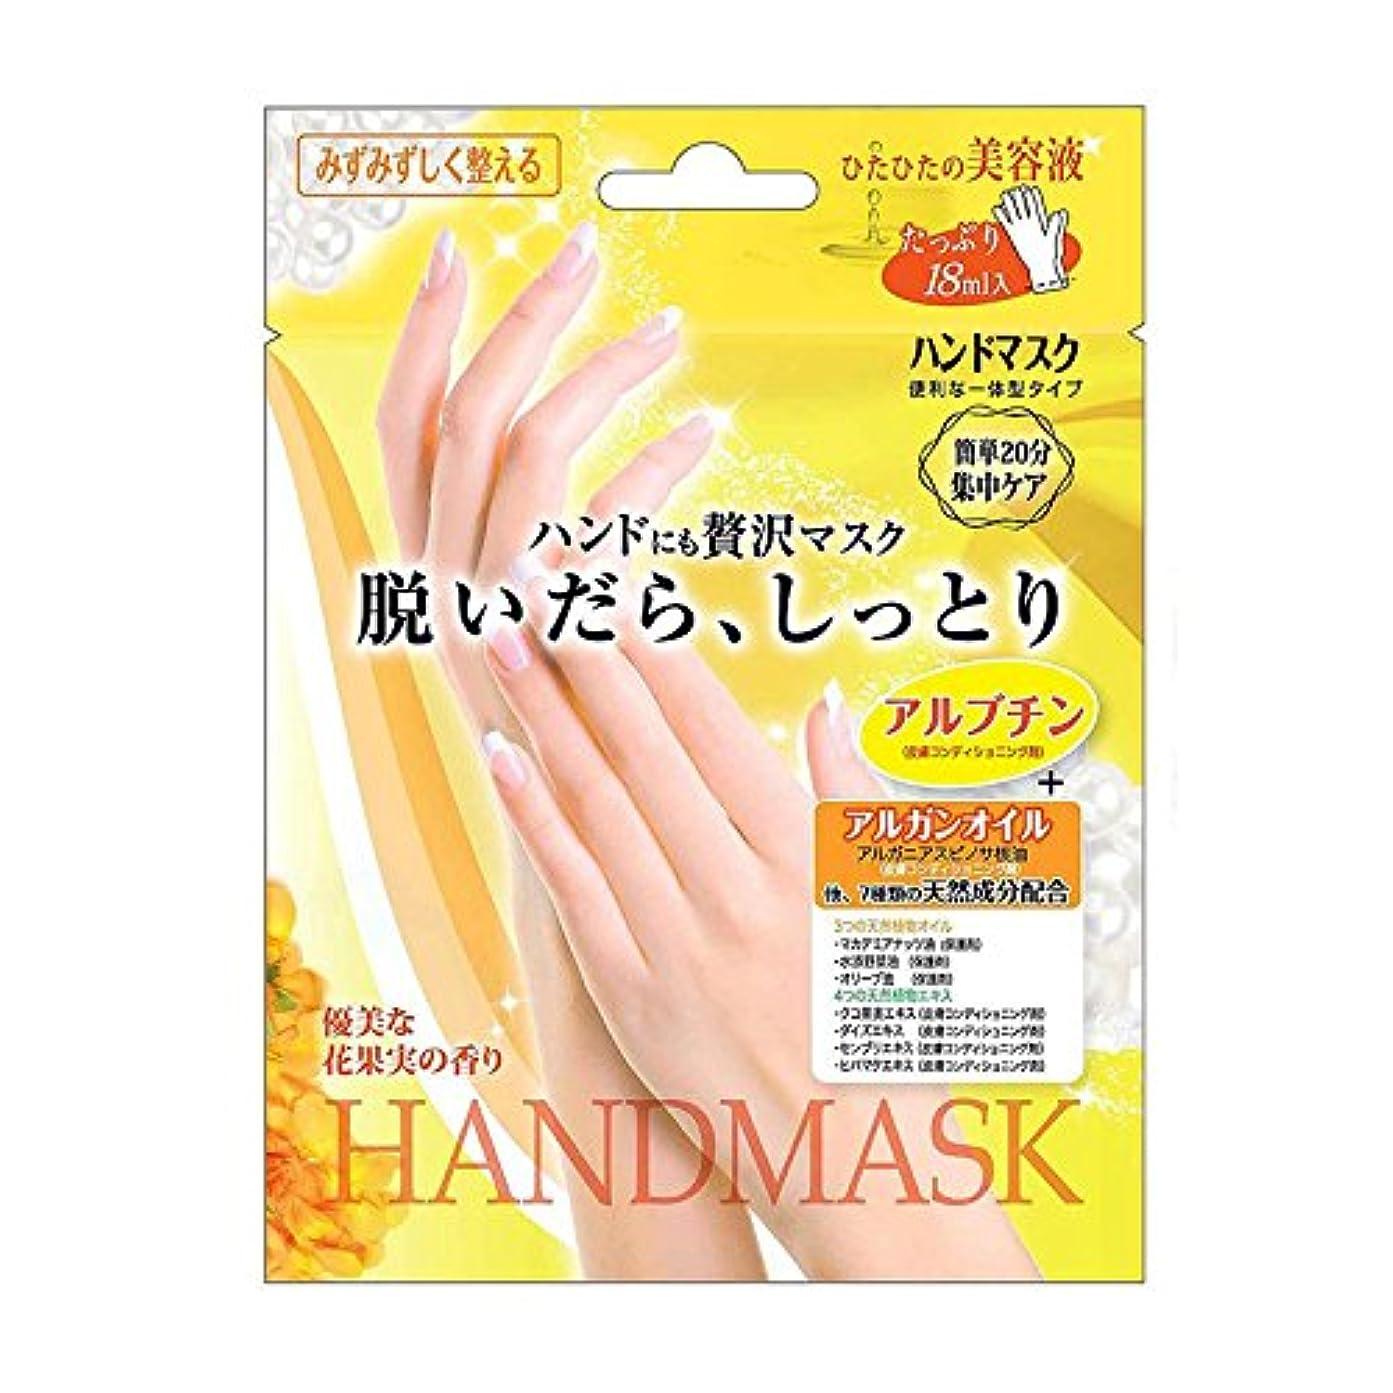 過度に人工的な応答ビューティーワールド ハンドにも贅沢マスク 脱いだら、しっとりハンドマスク 6個セット